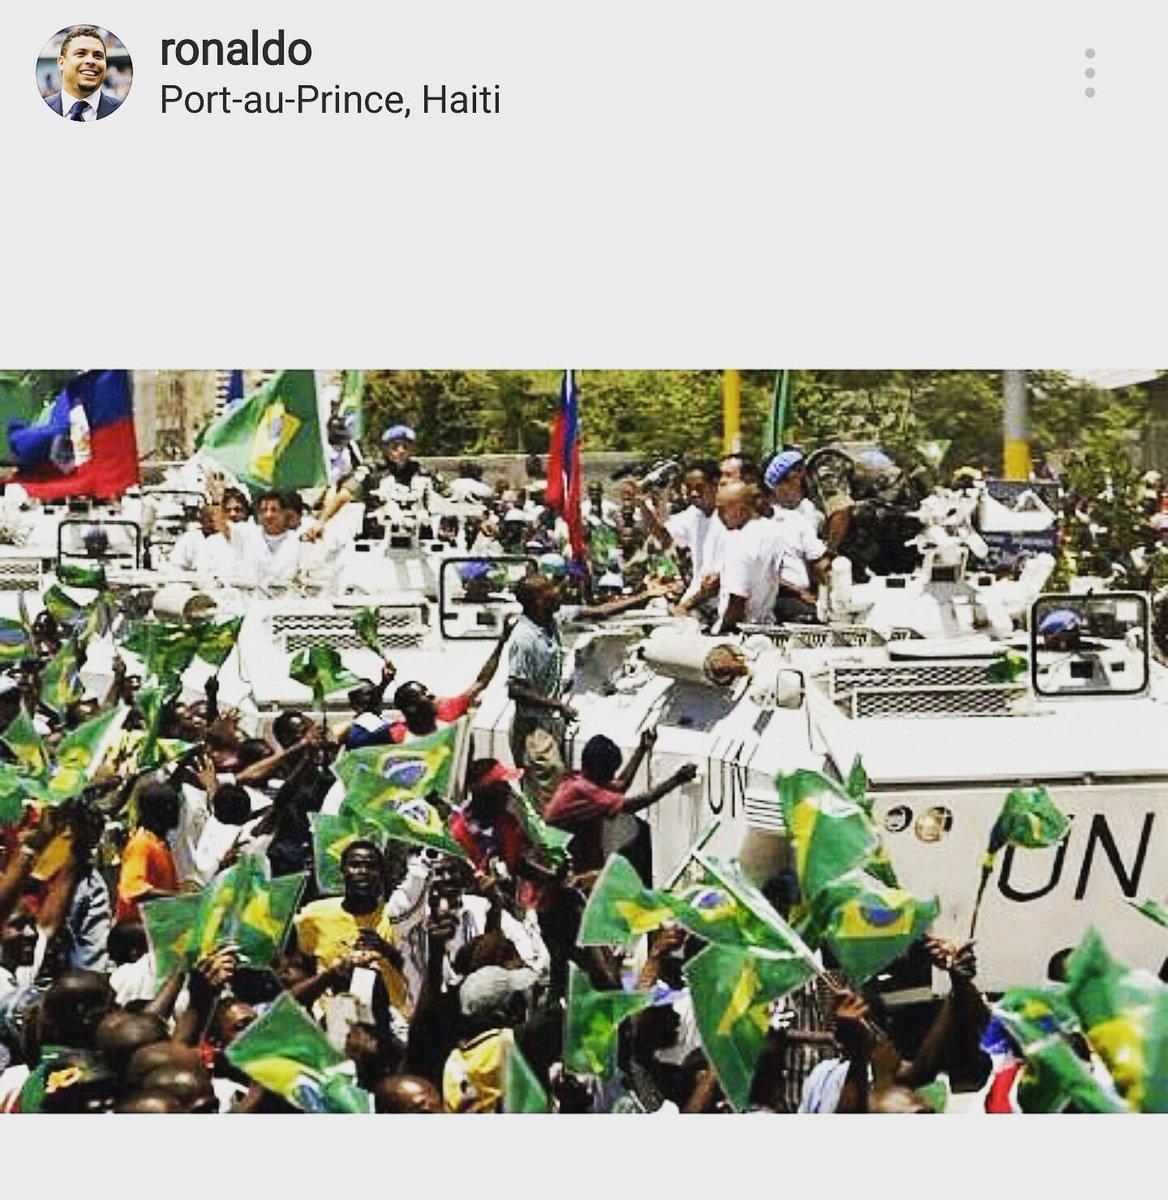 Não dá p ver, eu sei, m estou neste carro da ONU, ao lado de Ronaldo e Ronaldinho, c uma camera, registrando um dia histórico no Haiti.